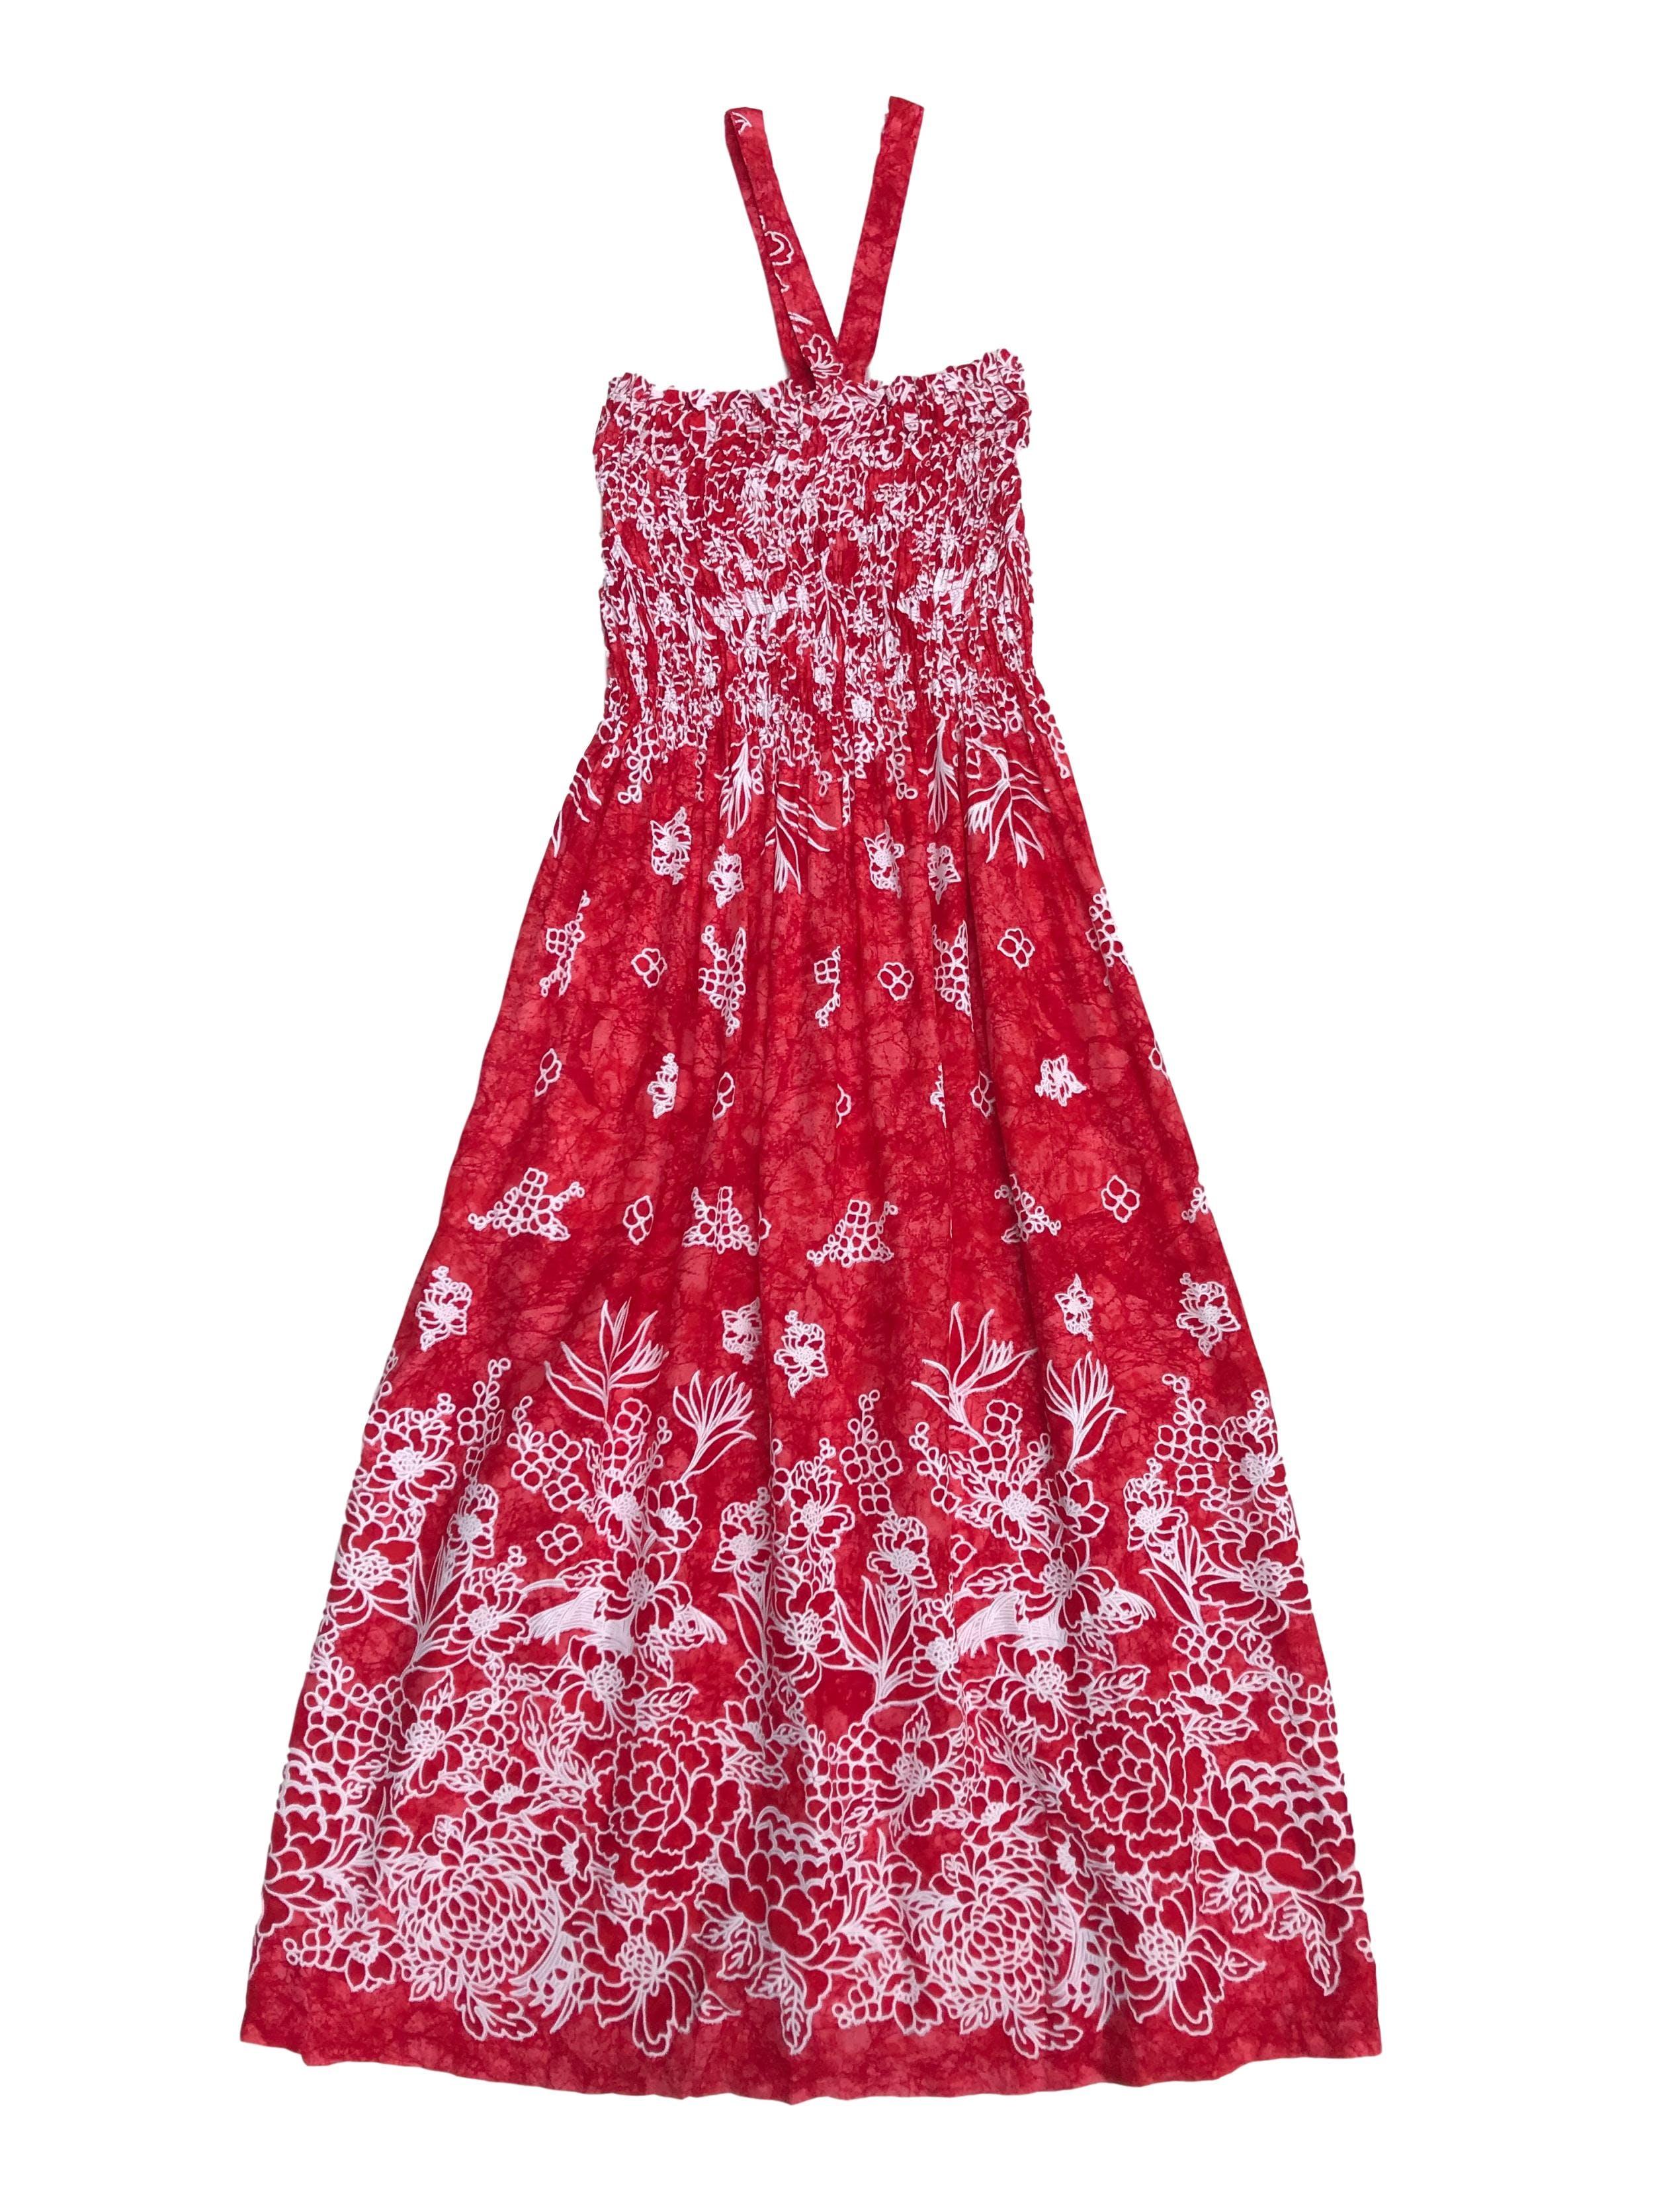 Vestido midi rojo con estampado blanco, cuello halter, panal de abeja en el top y falda con bolsillo. Largo 96cm